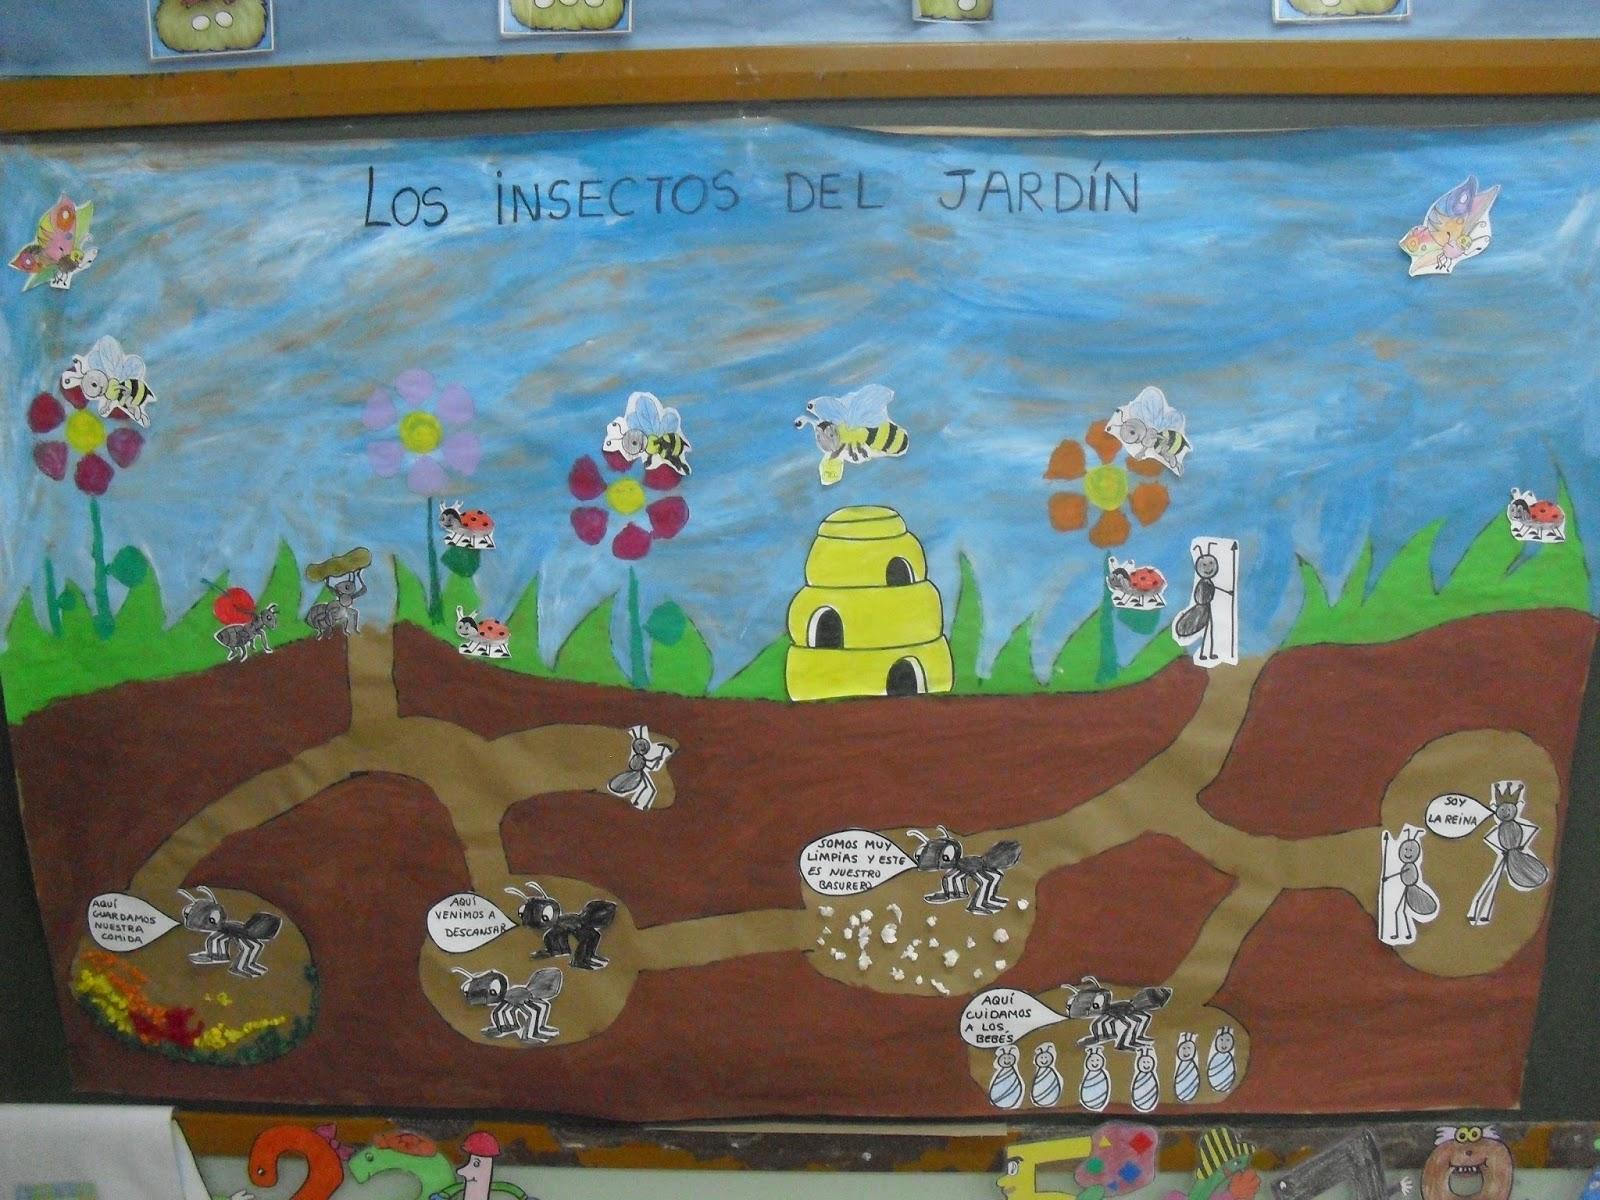 La ni a de las mariposas plantas e insectos del jard n for Insectos del jardin